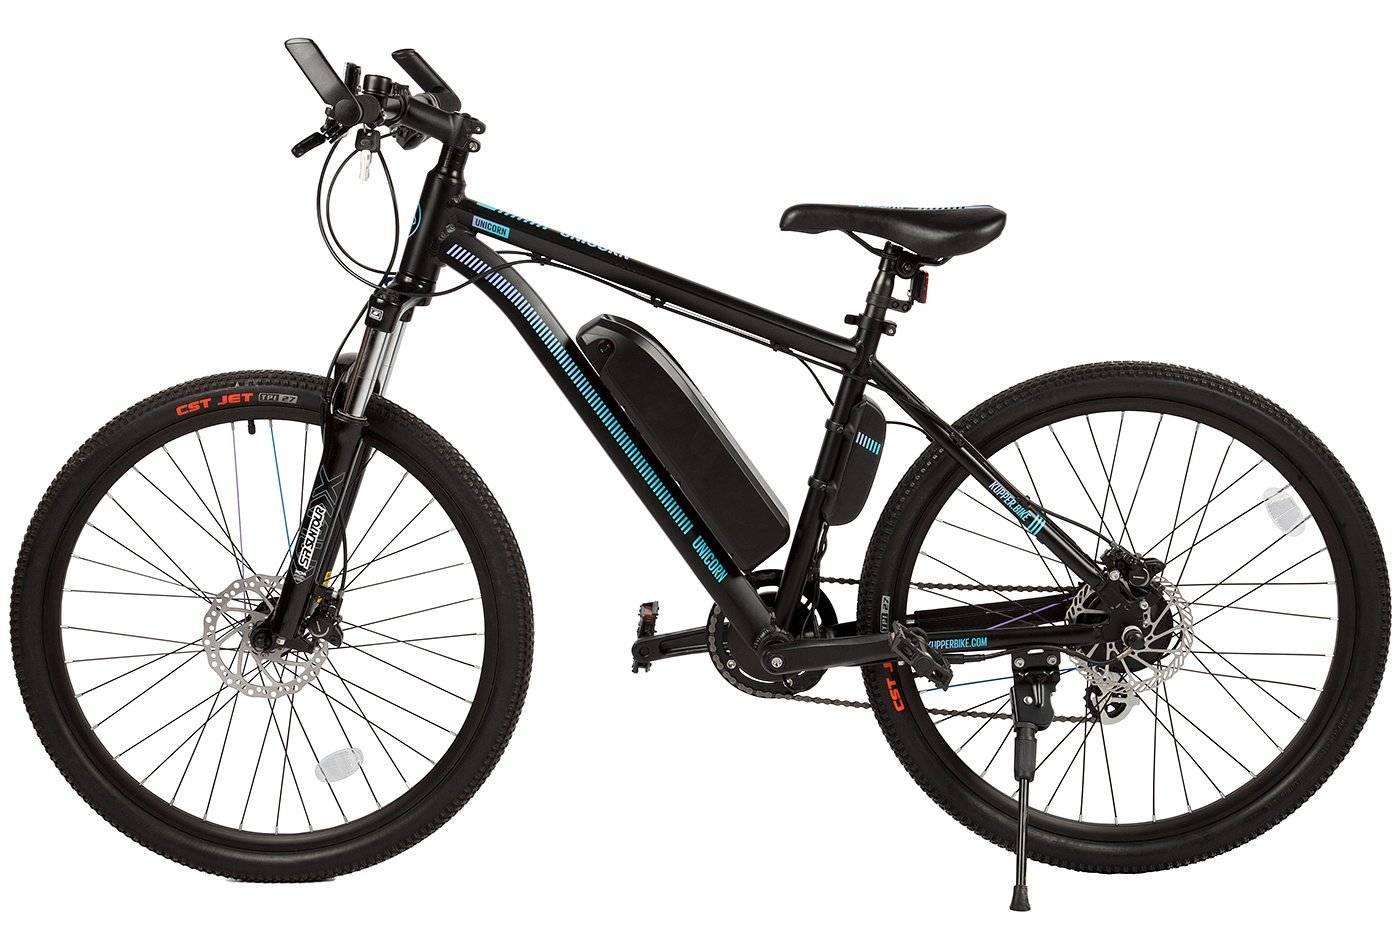 Велогибрид Kupper Unicorn Pro 250W, 010837-0201, фото 3